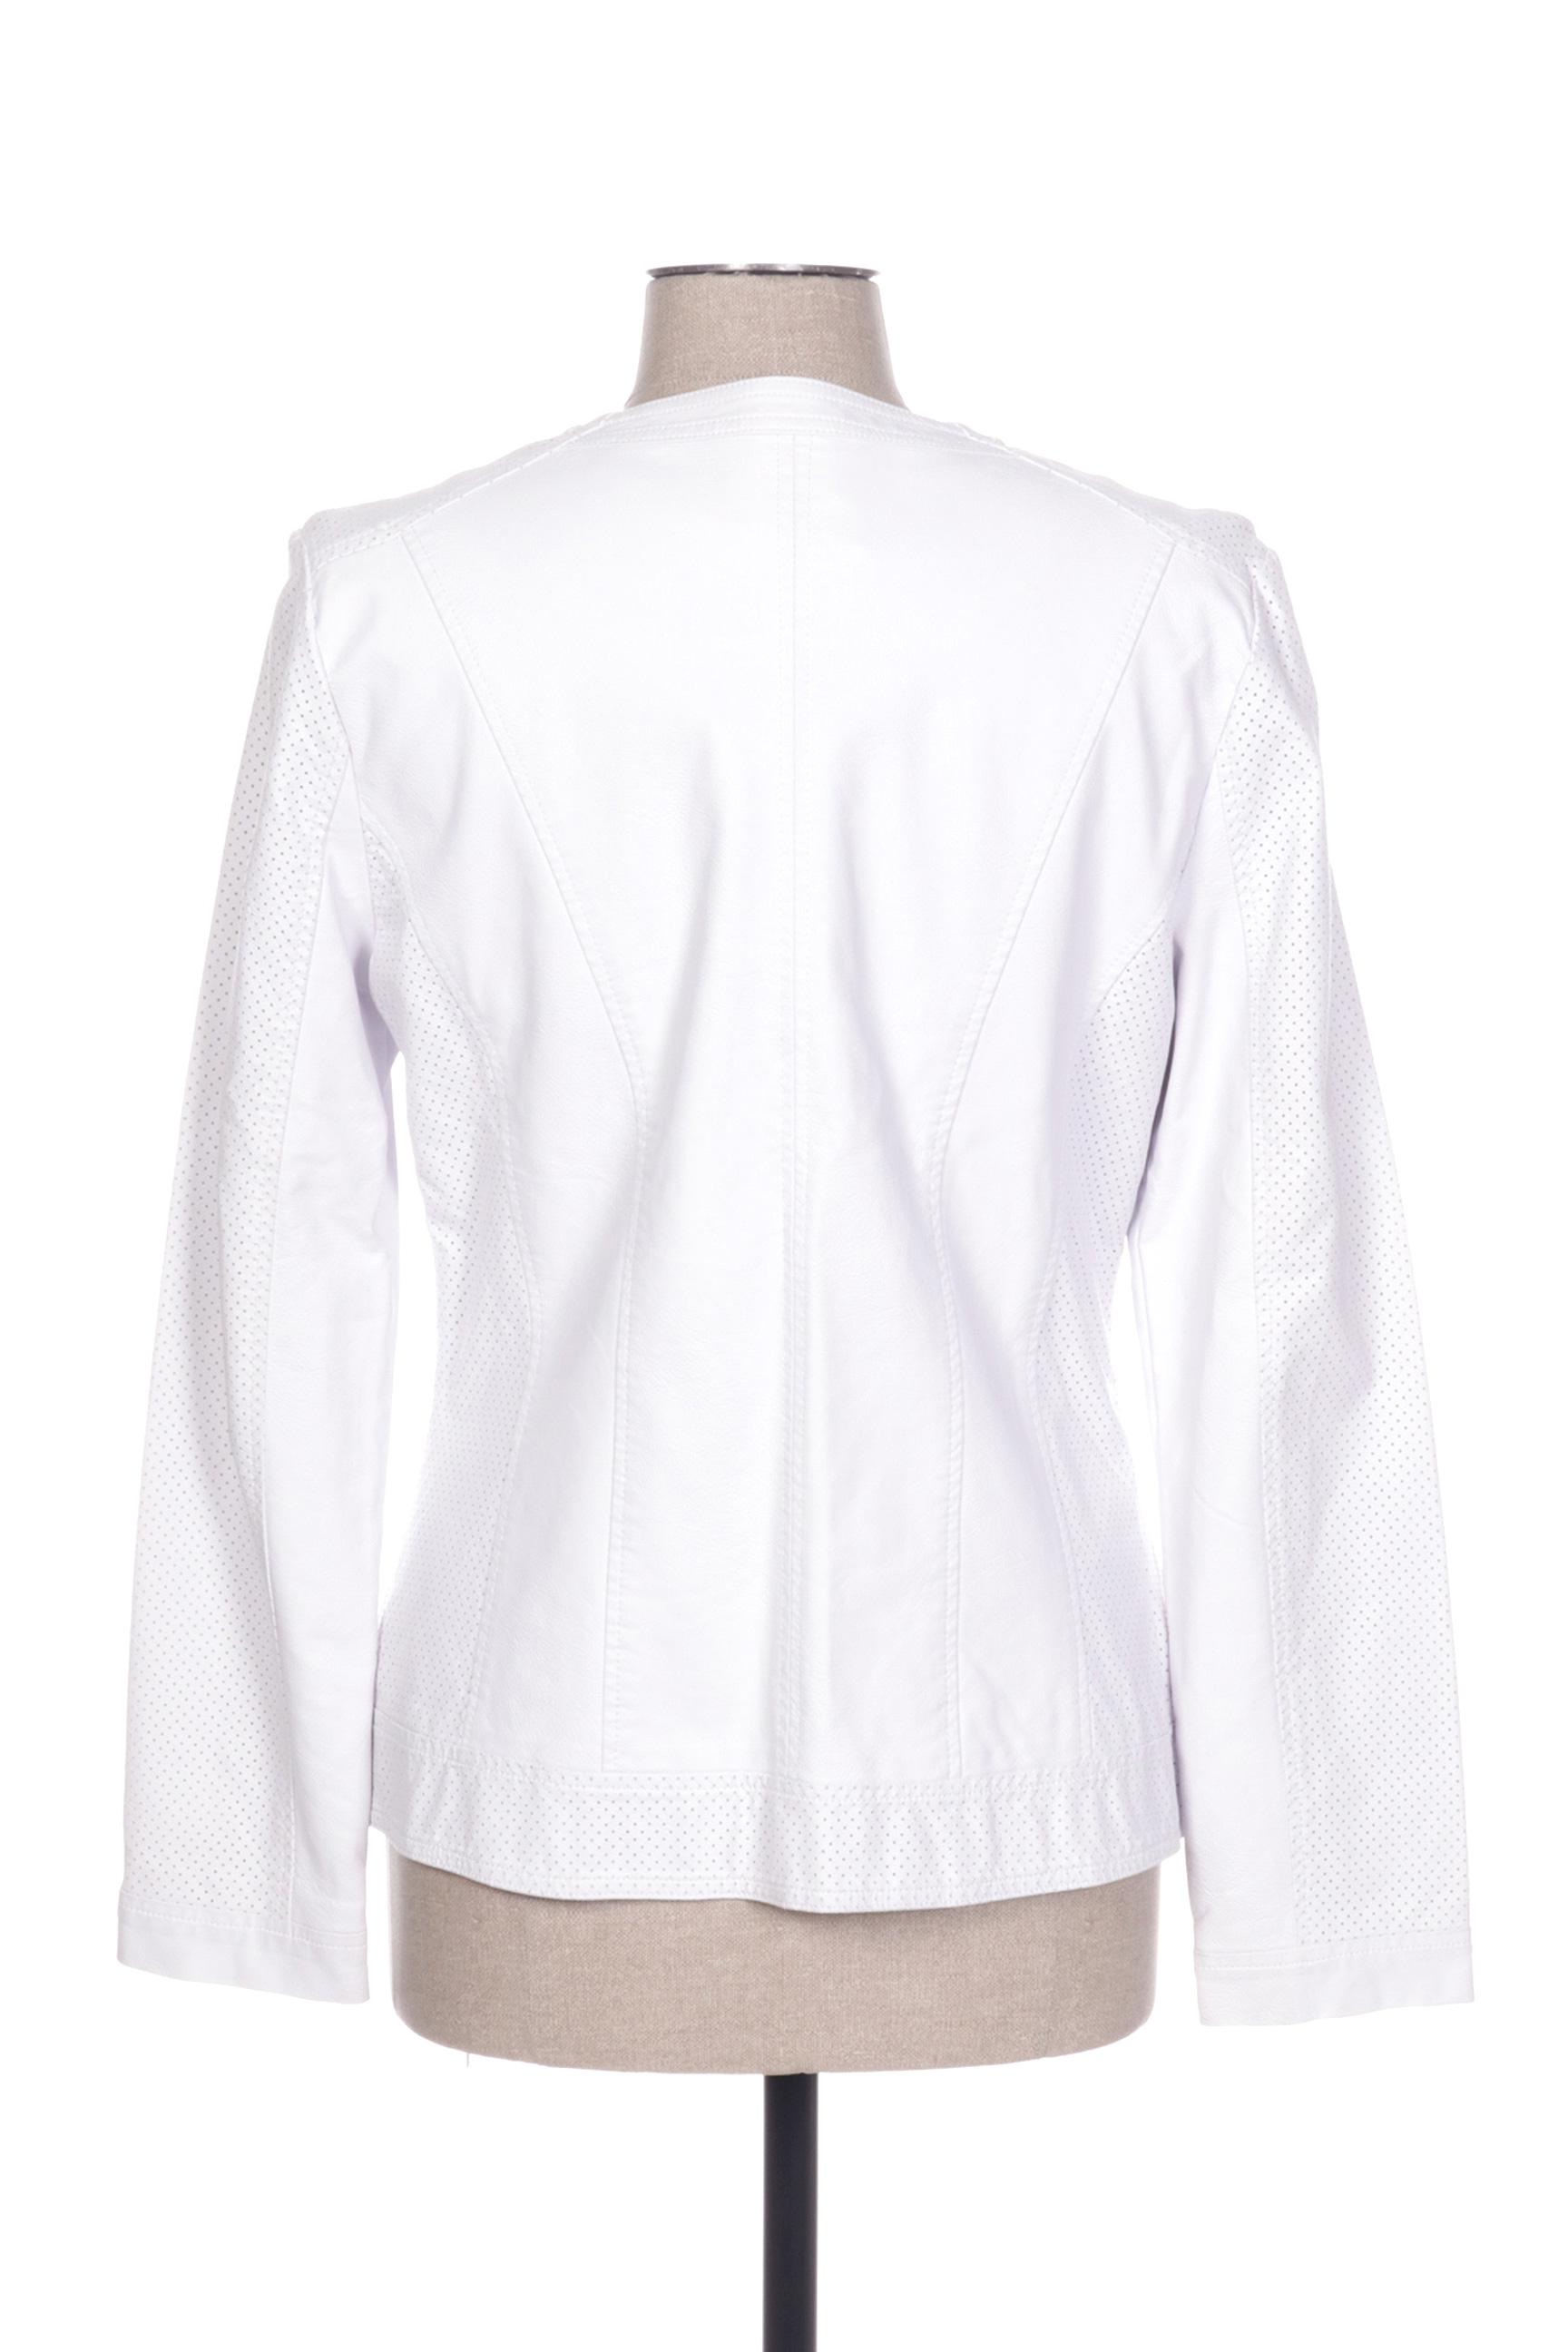 Diane Laury Vestesimilicuir Femme De Couleur Blanc En Soldes Pas Cher 1423223-blanc0